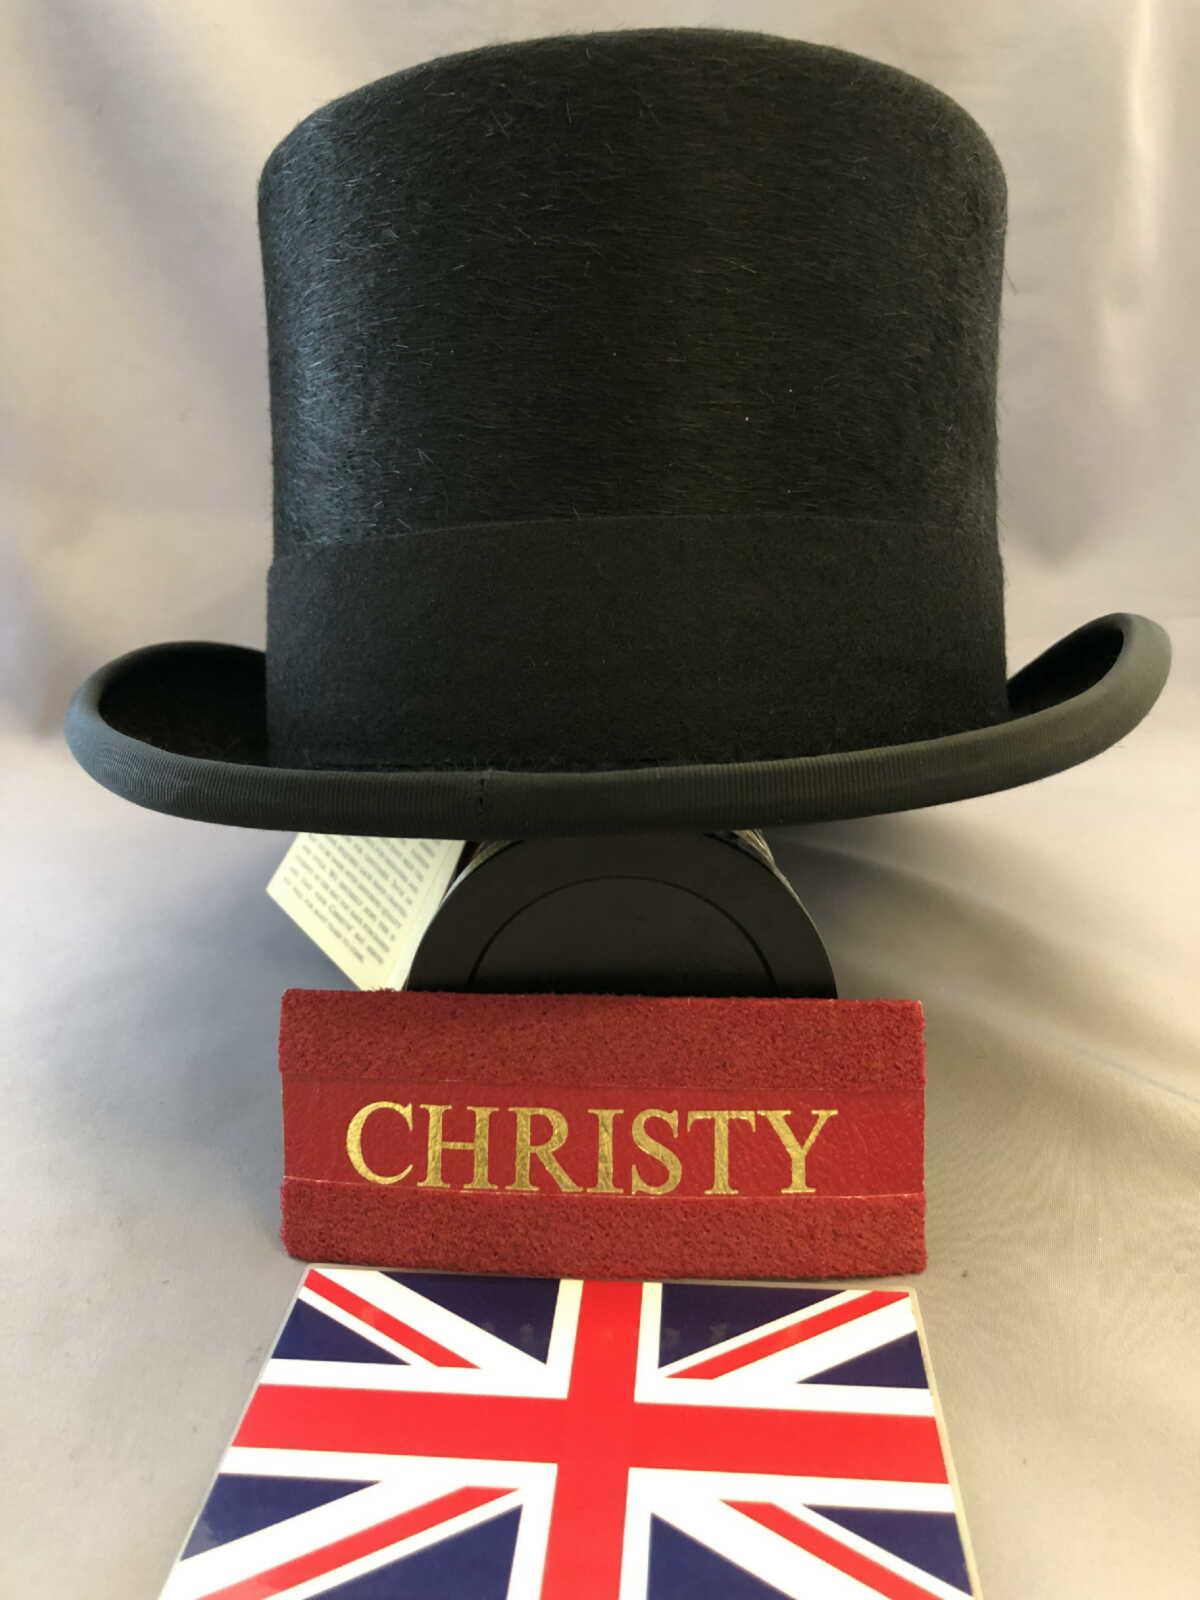 兎毛トップハット英国クリスティーズ 帽子 英国 Christys' クリスティーズ トップハット WEB限定 贈与 ブラック サイズ選択 ファー兎毛ハット シルクハット H001 黒